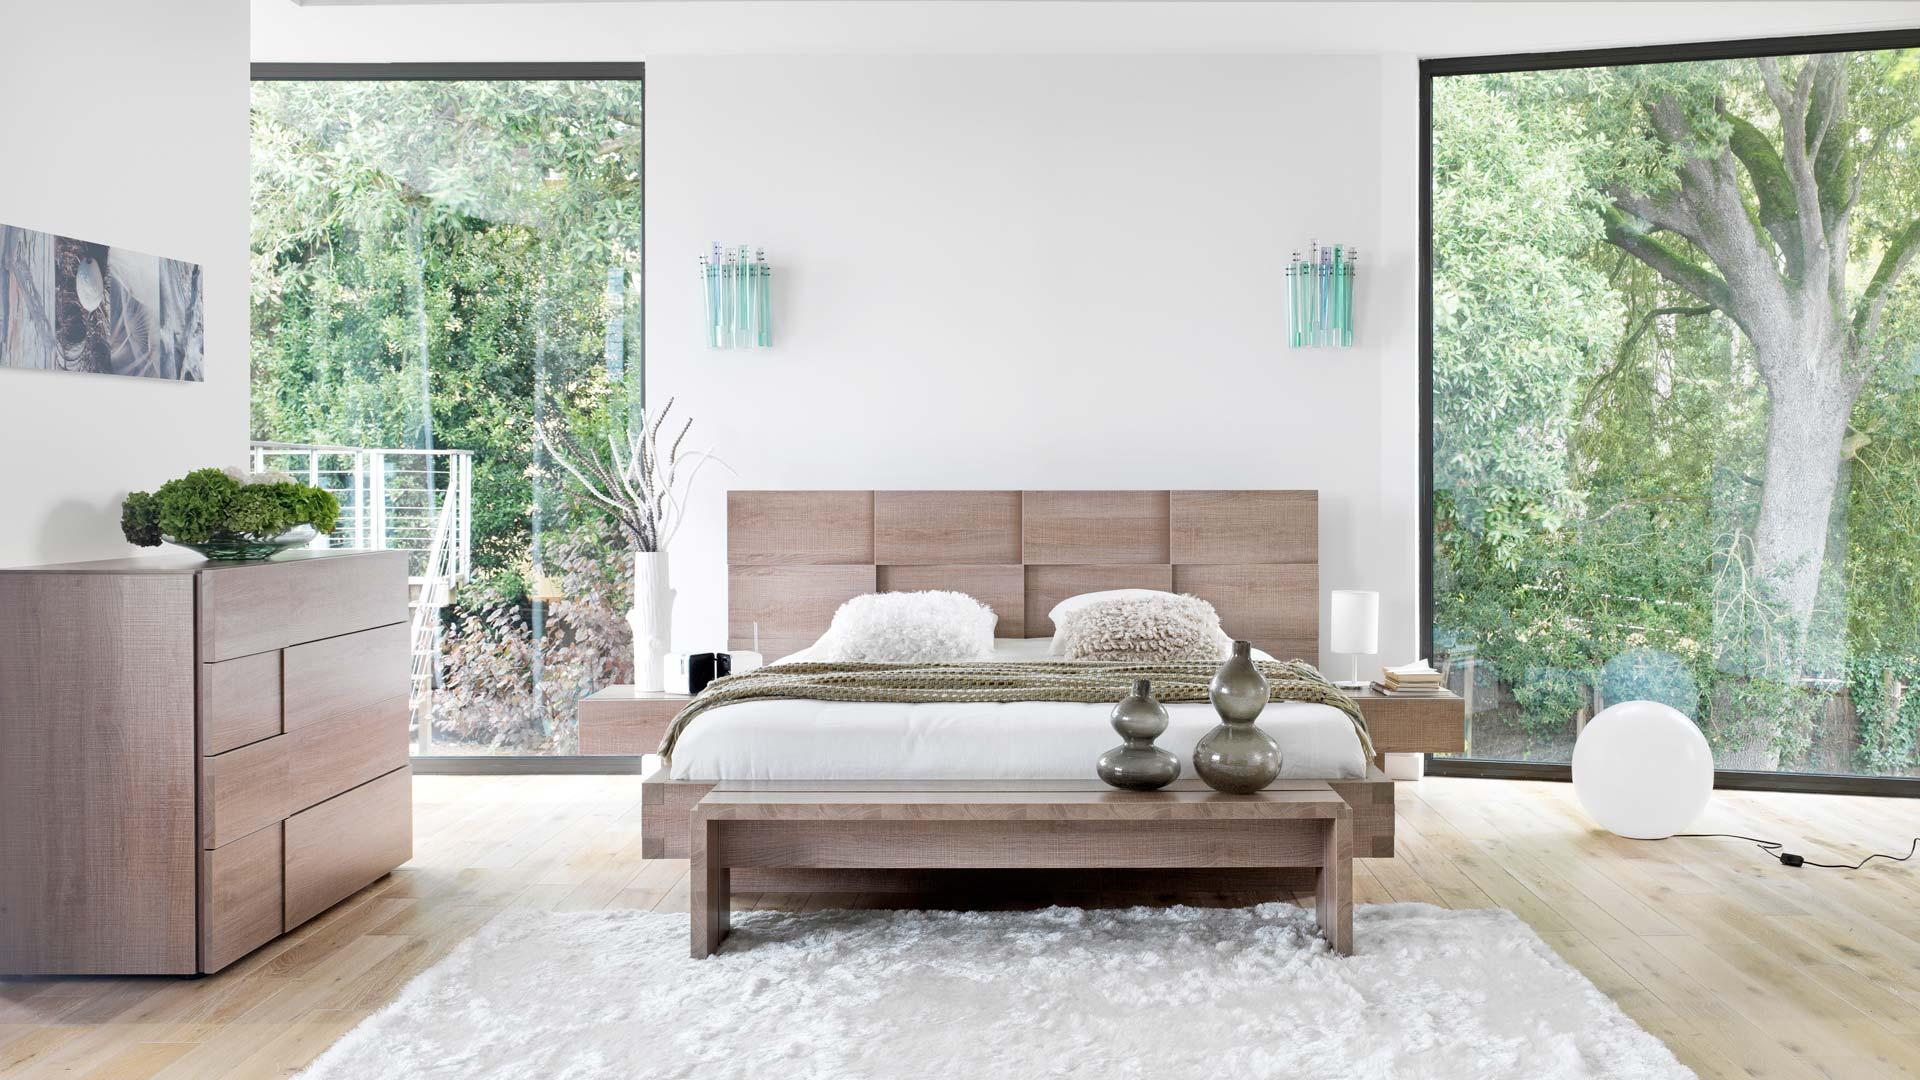 Gautier, meuble, maison, chambre, lit, commode